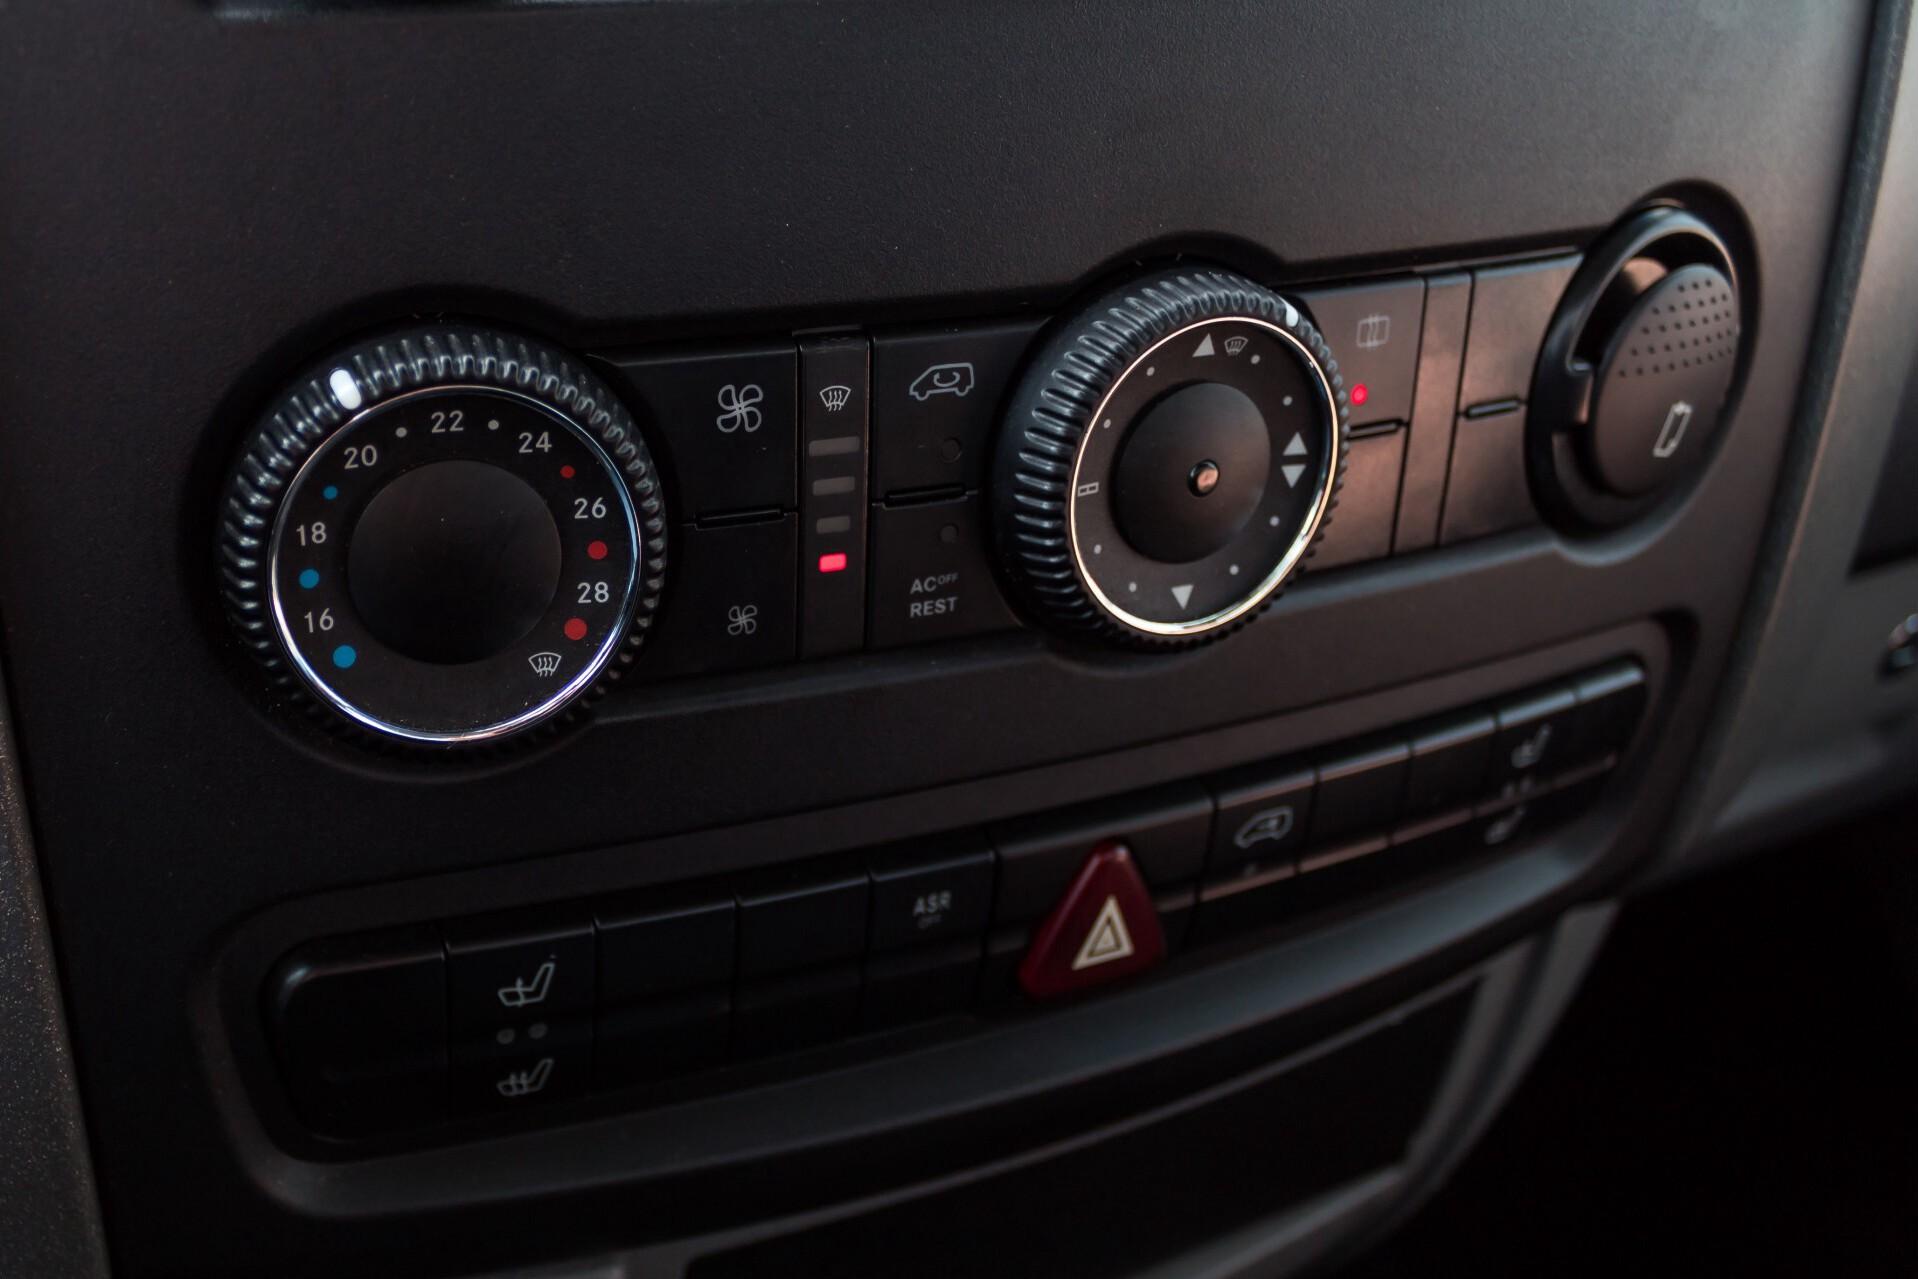 Mercedes-Benz Sprinter 518 3.0 Cdi V6 Oprijwagen / Auto ambulance 7360 kg Foto 18